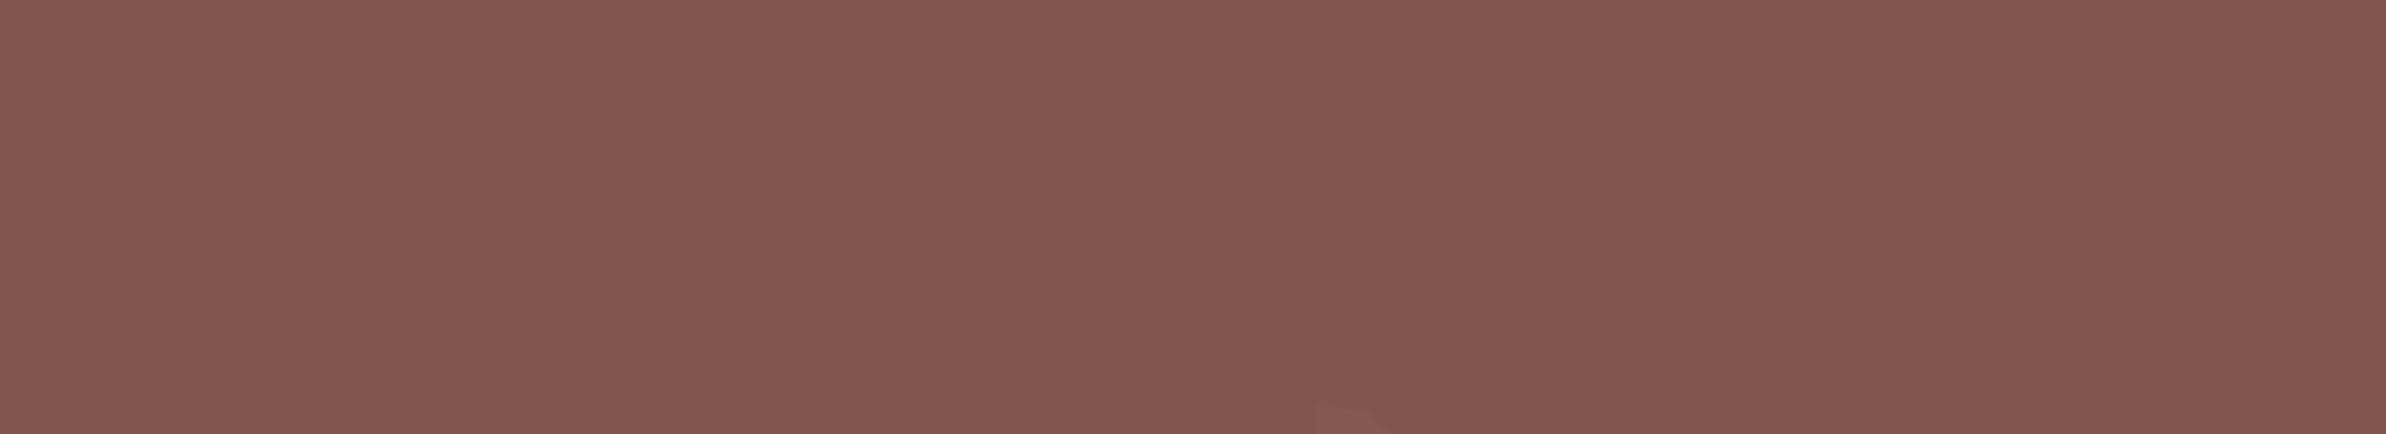 #1516 @ 3% - Grey